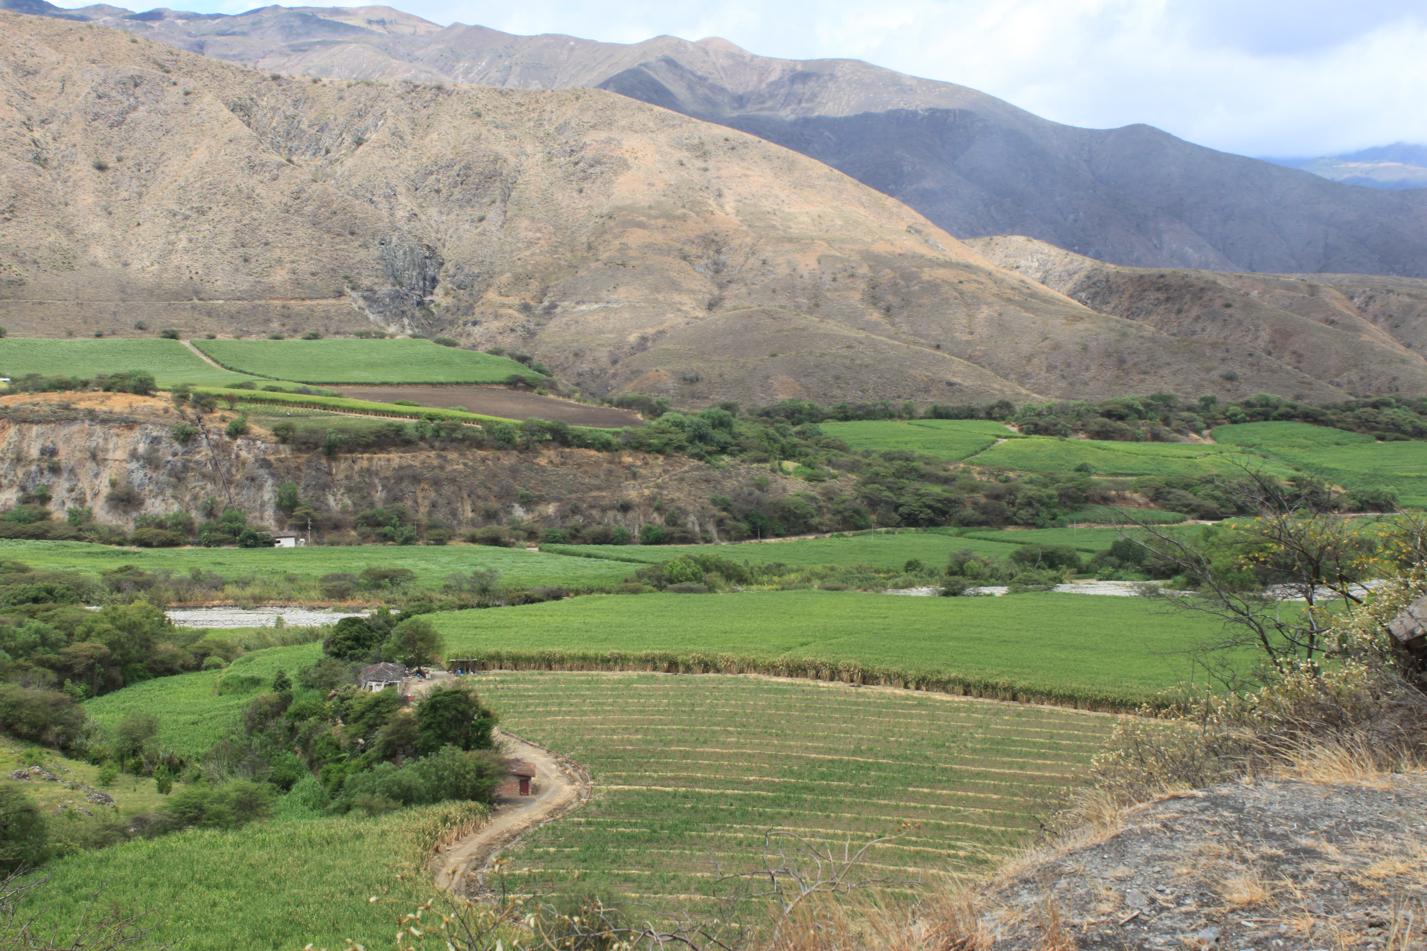 Blick auf die Zuckerrohrfelder im Tal von Catamayo.